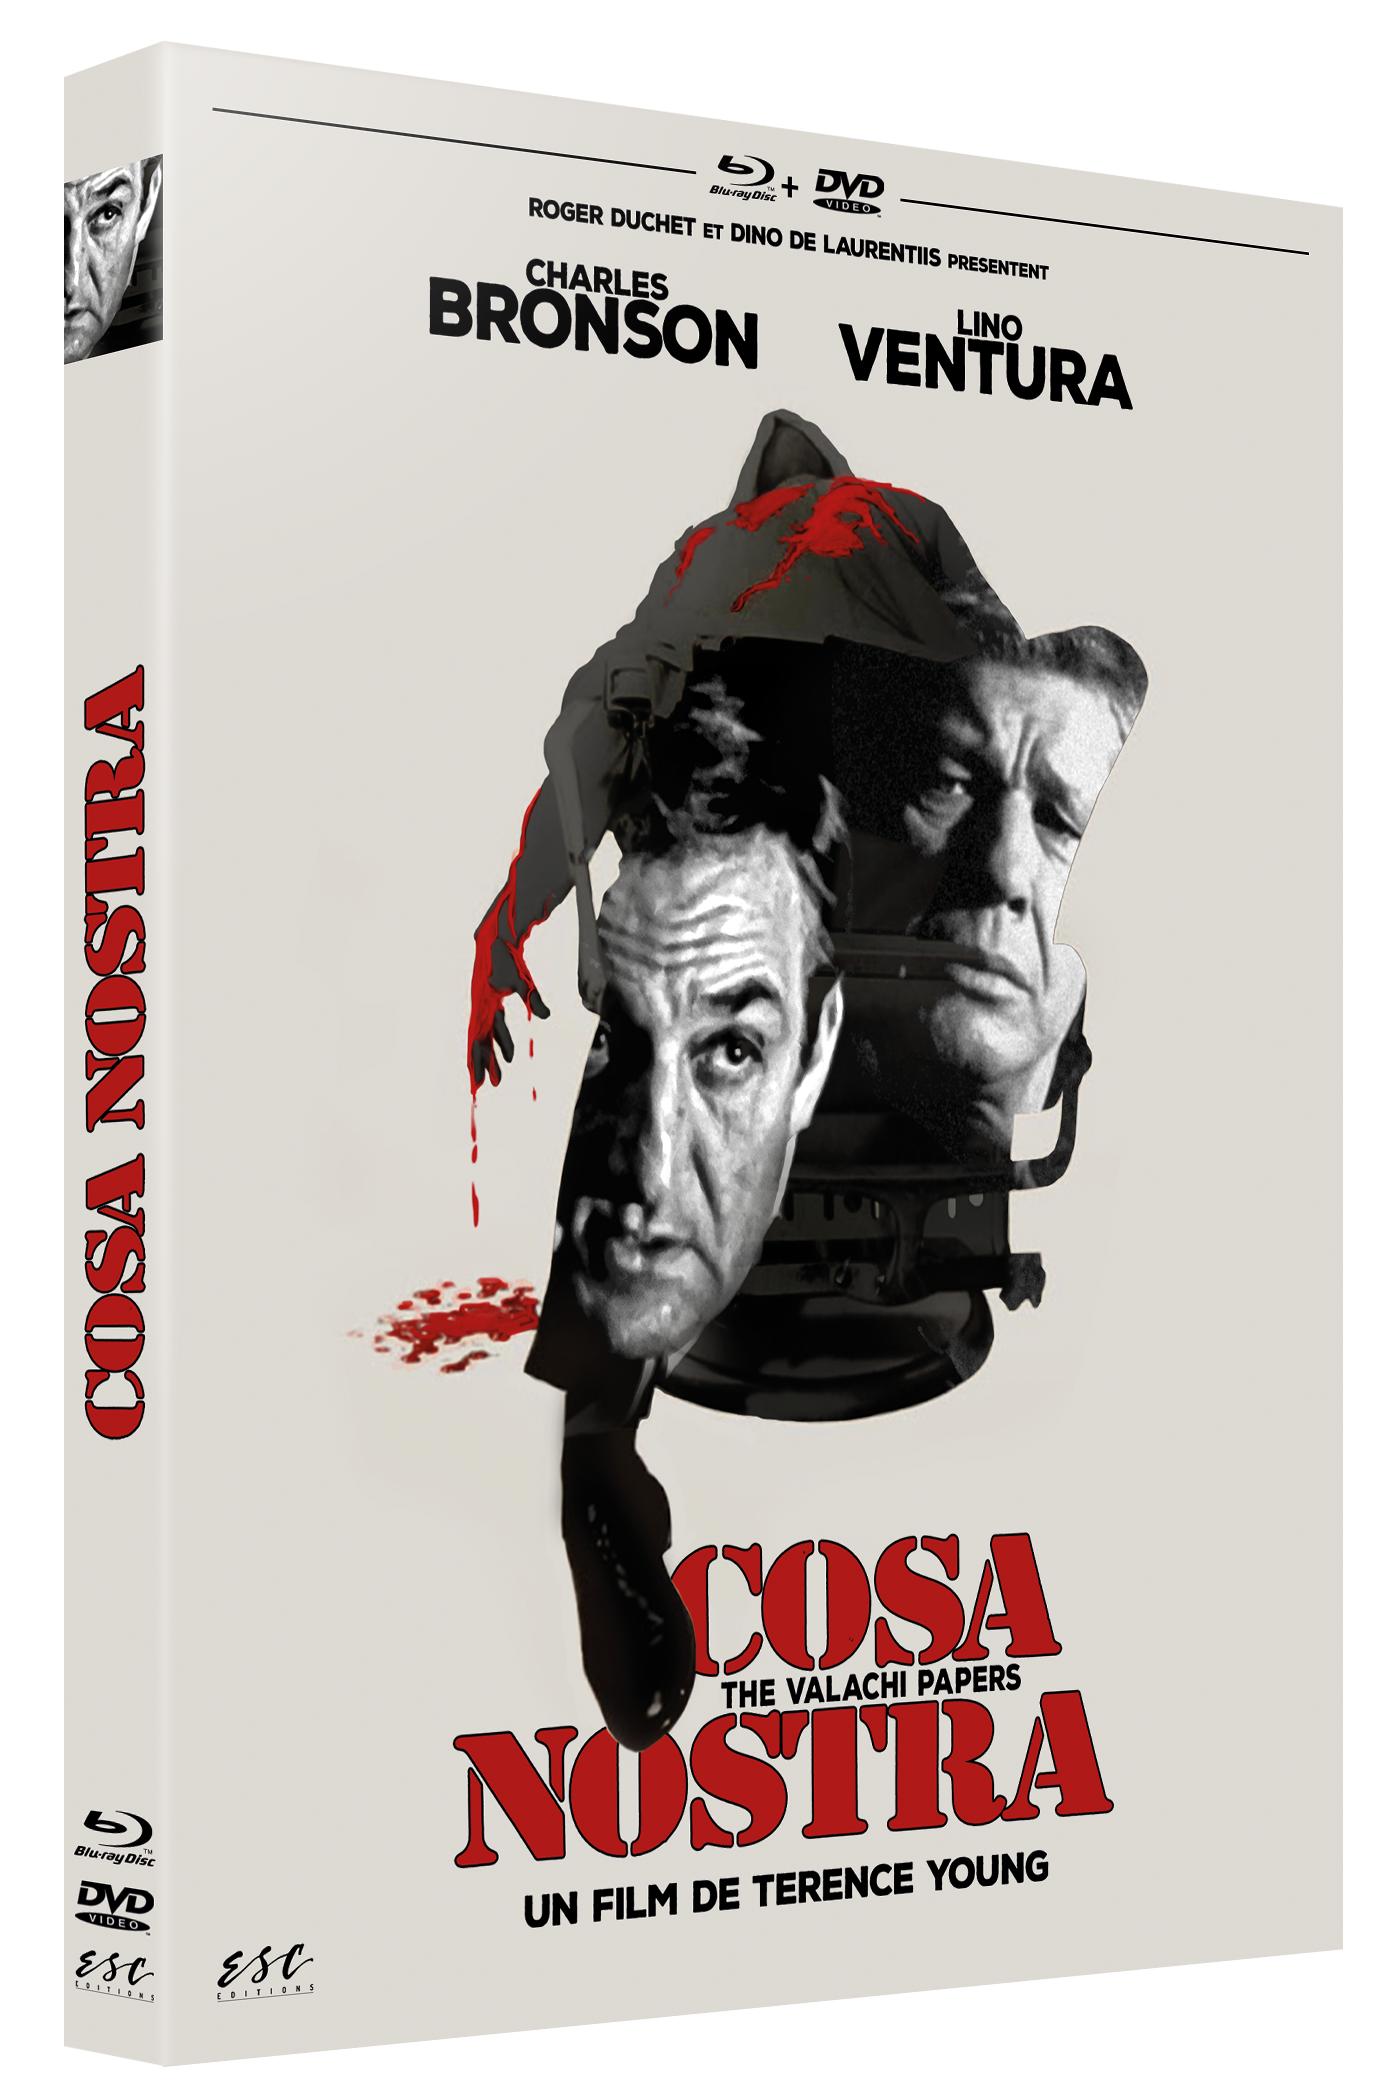 COSA NOSTRA - COMBO